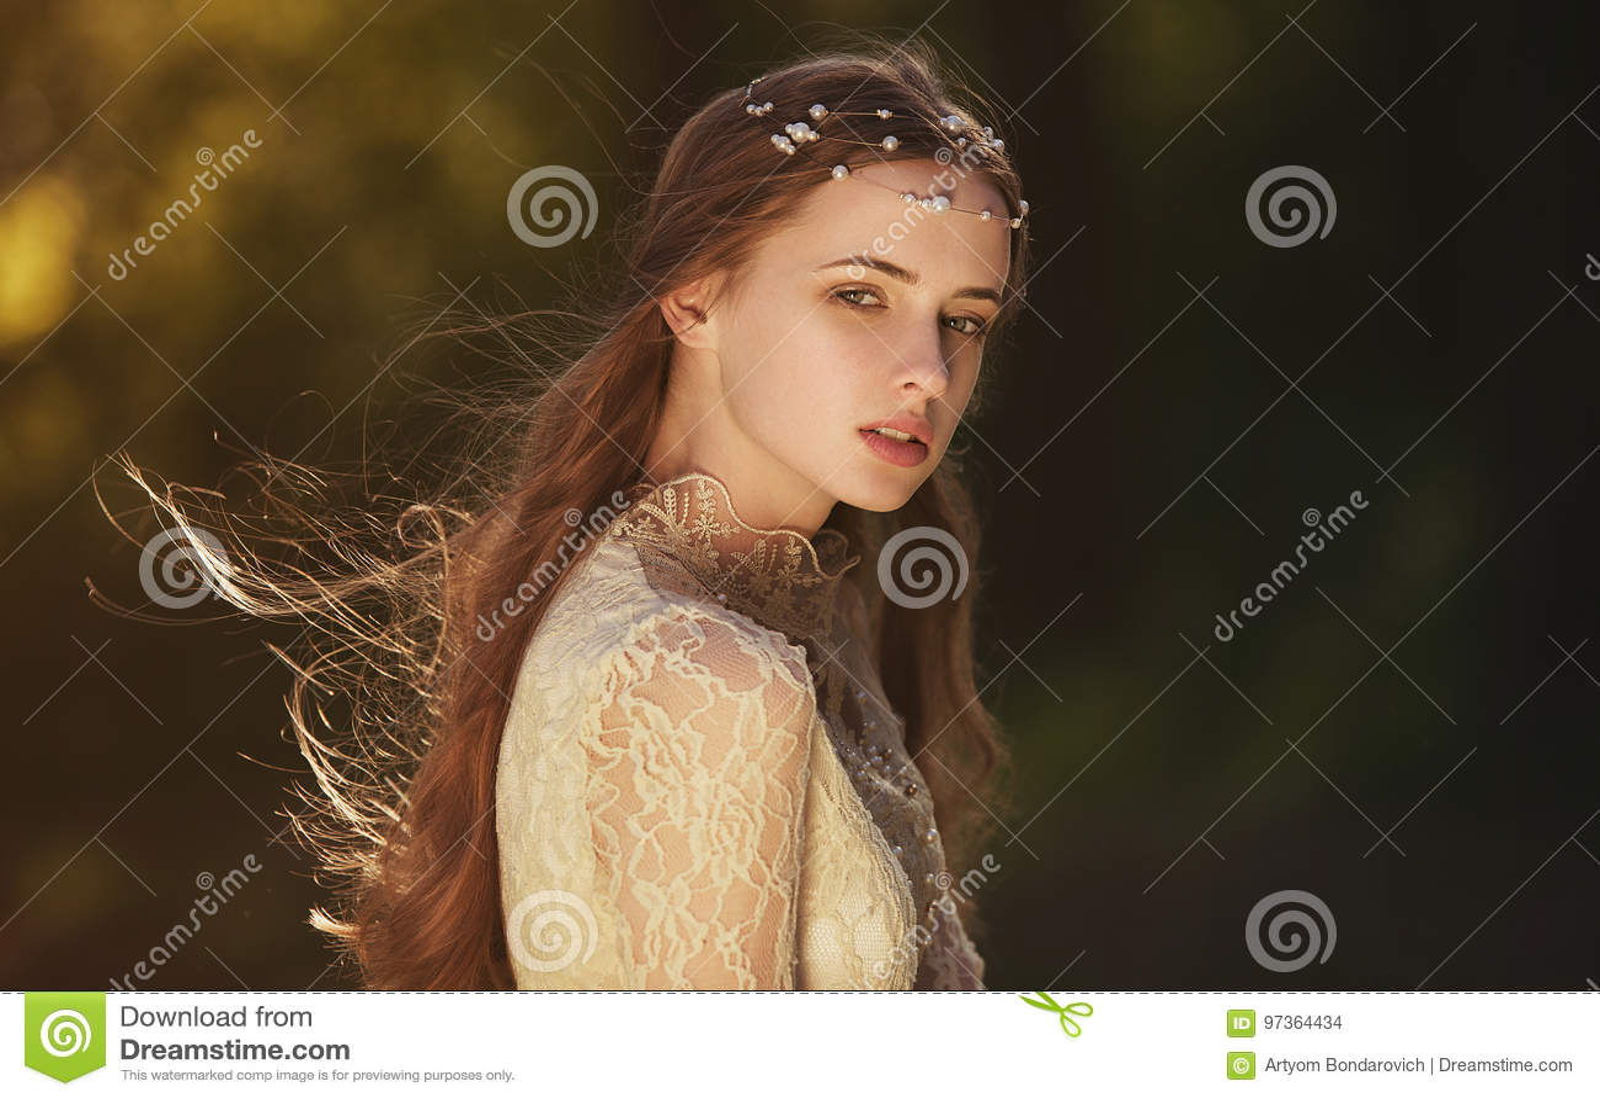 Ritratto di una ragazza vaga sveglia che porta retro blusa e gonna all aperto Tonalità morbida dell annata